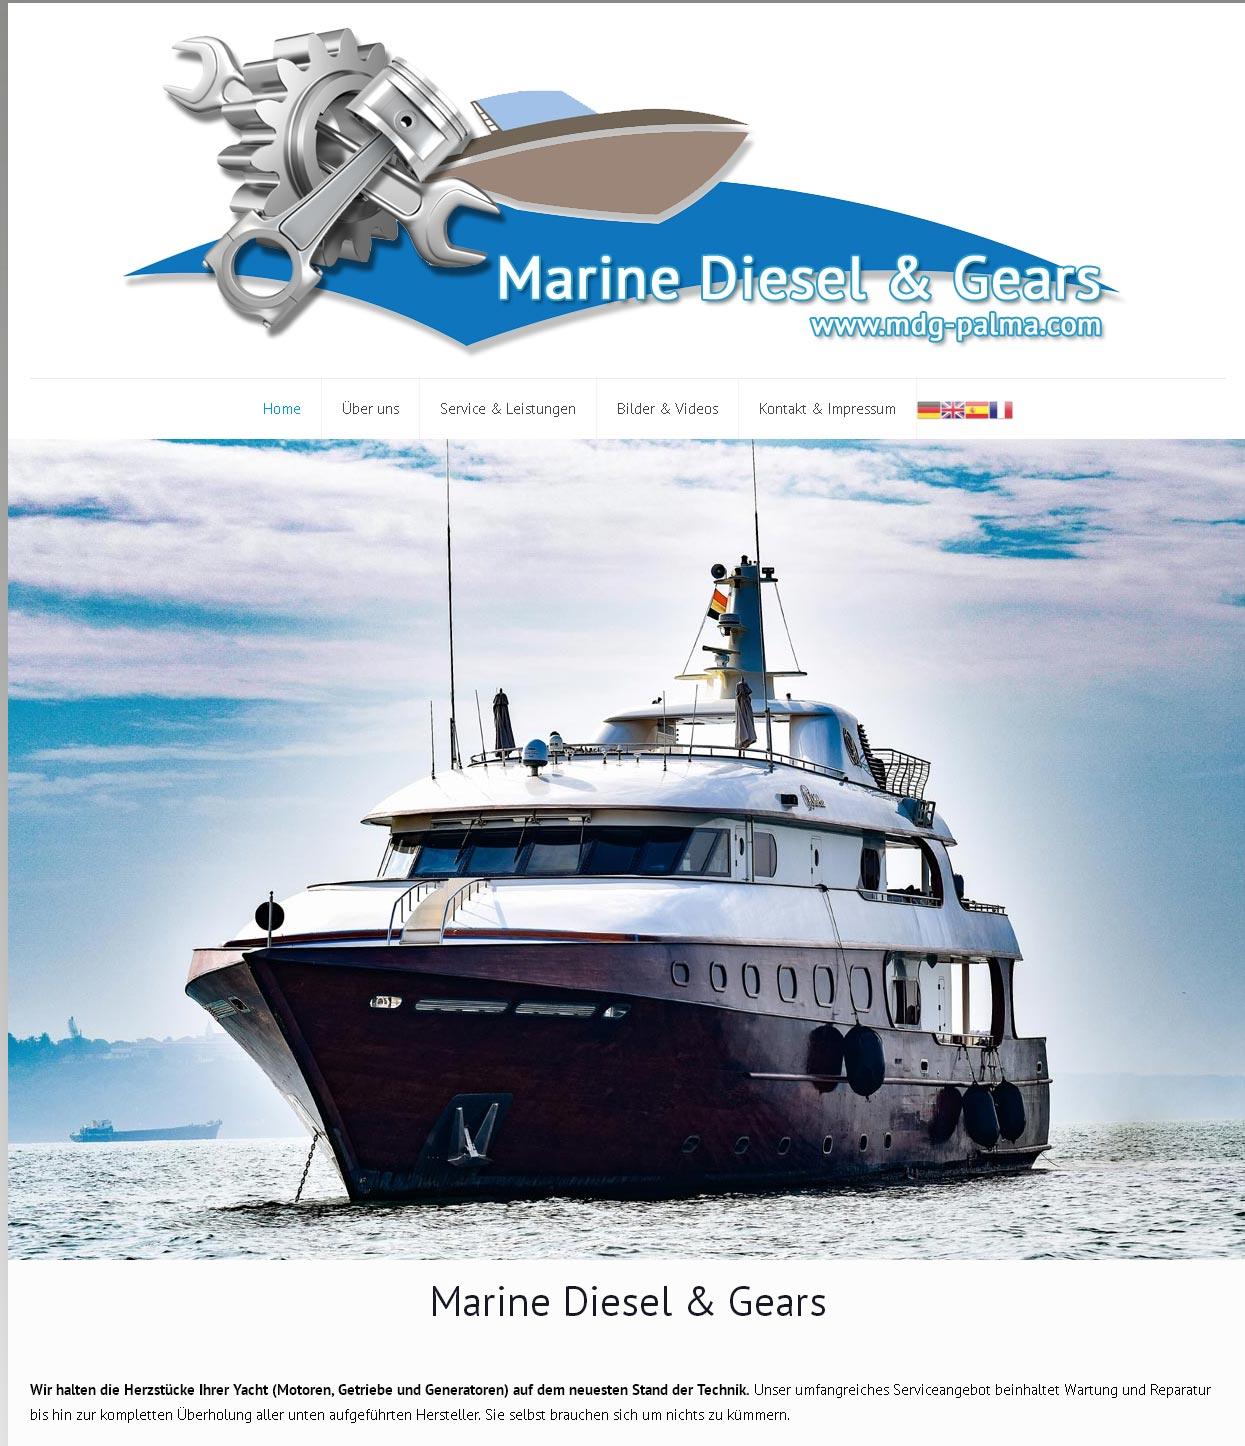 Marine Diesel & Gears<br />Entwicklung der CI, Grafik & Layout für Online<br />www.mdg-palma.com